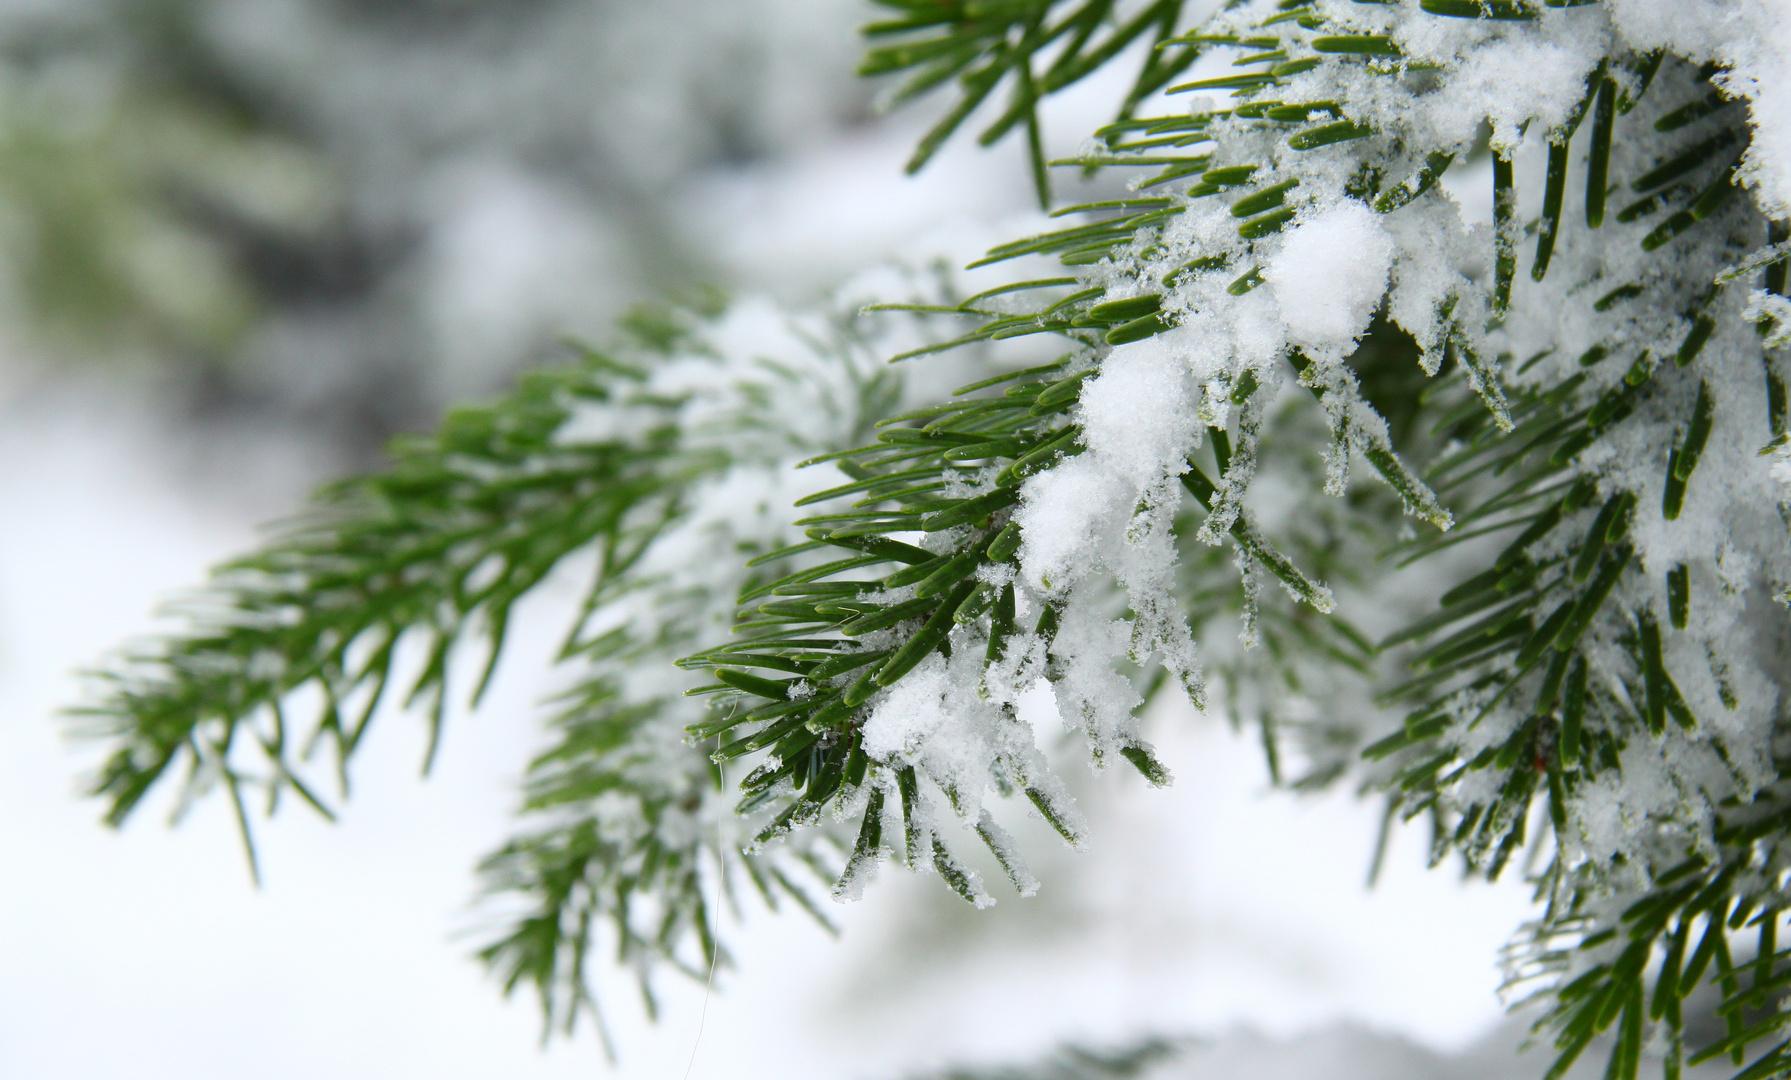 tannenzweig mit schnee foto bild jahreszeiten winter. Black Bedroom Furniture Sets. Home Design Ideas